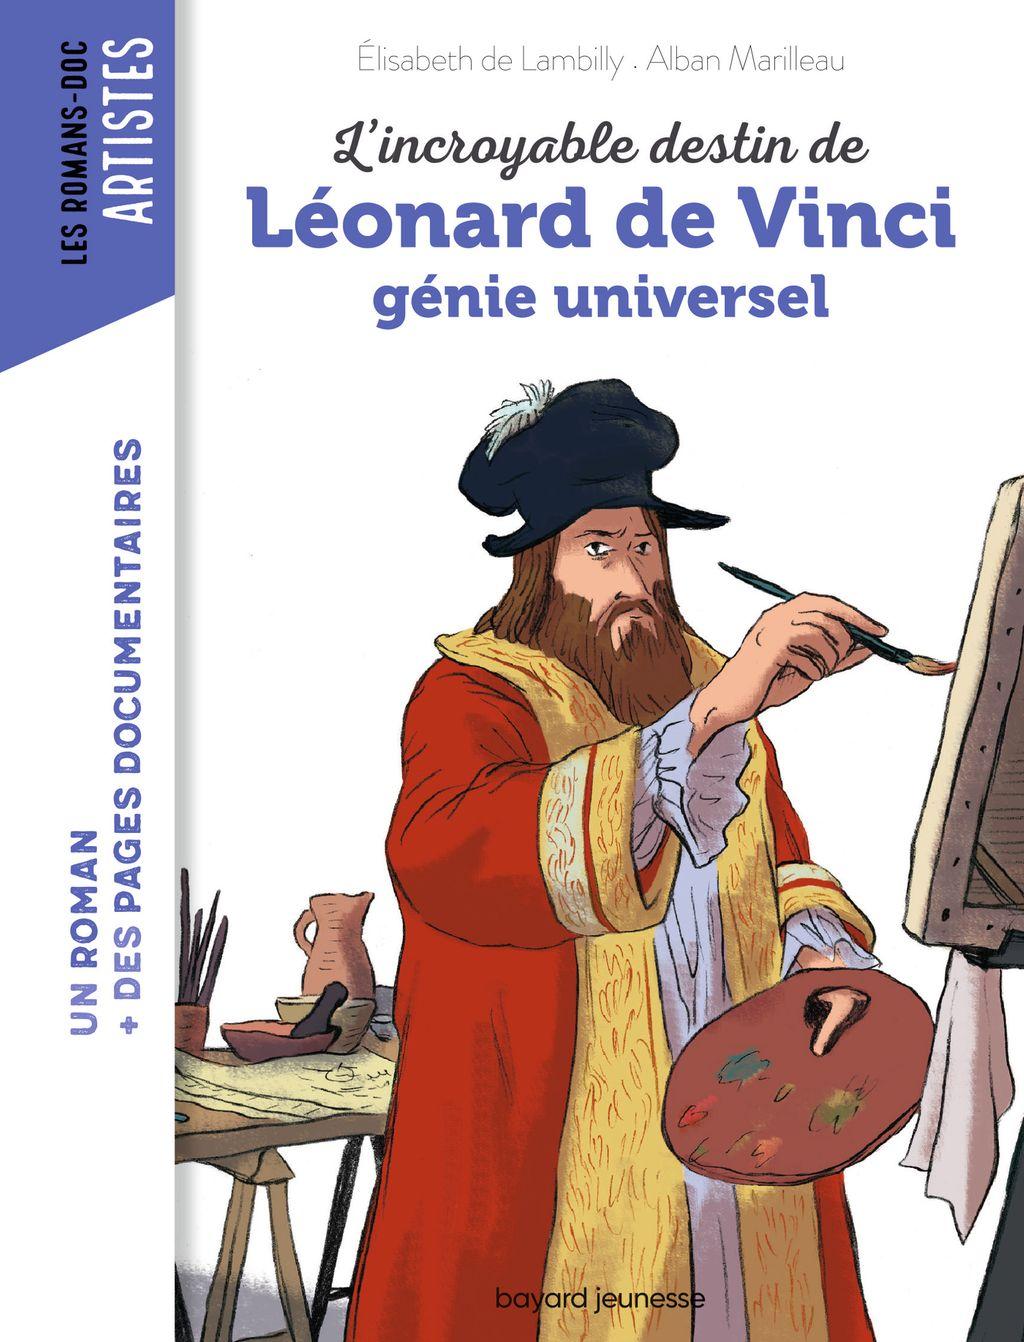 Couverture de «L'incroyable destin de Léonard de Vinci, génie universel»